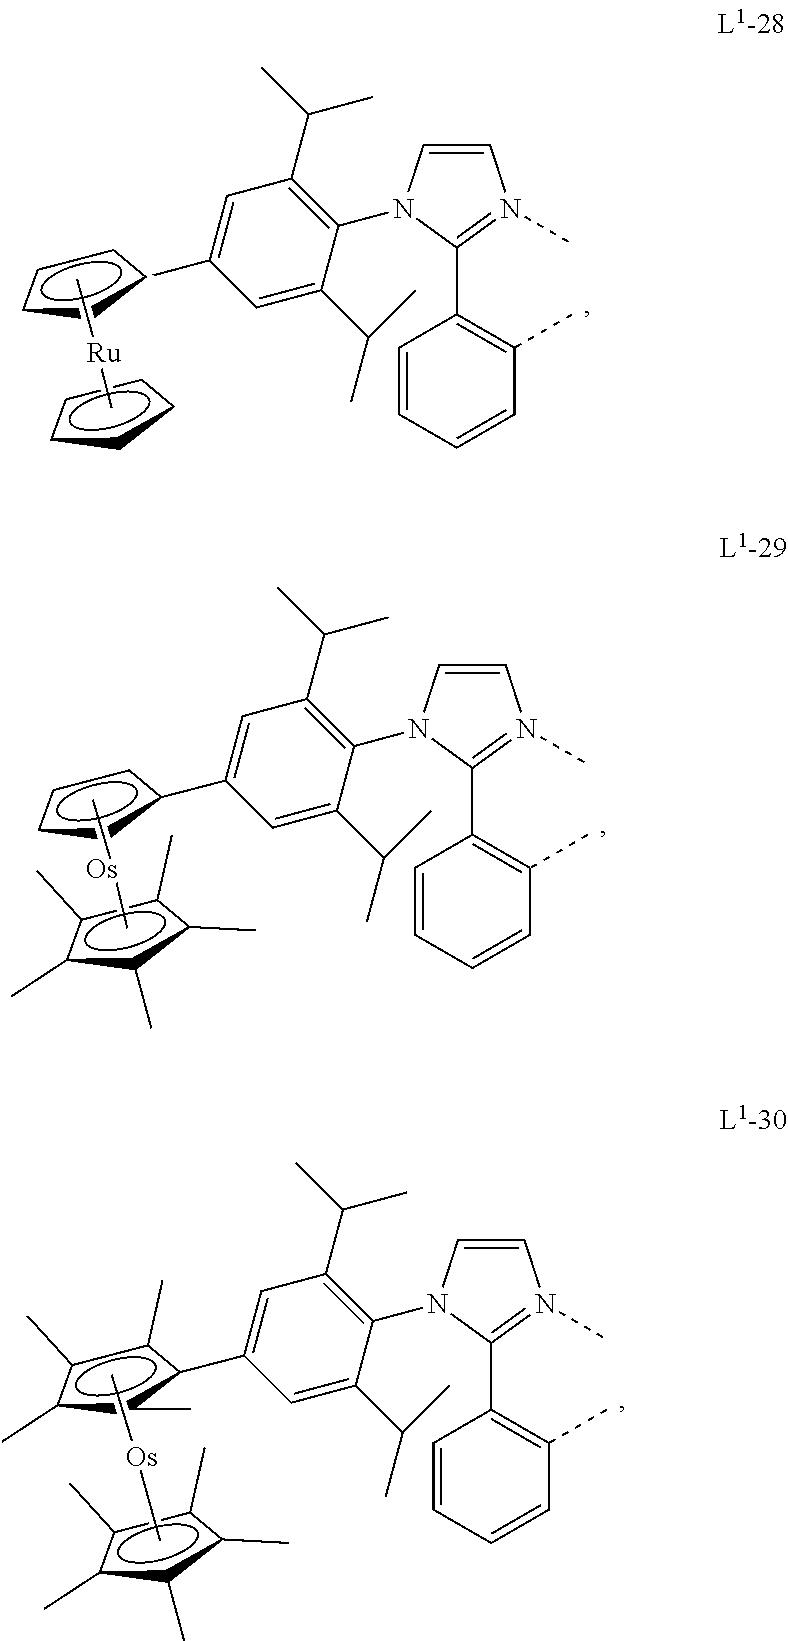 Figure US09450195-20160920-C00020